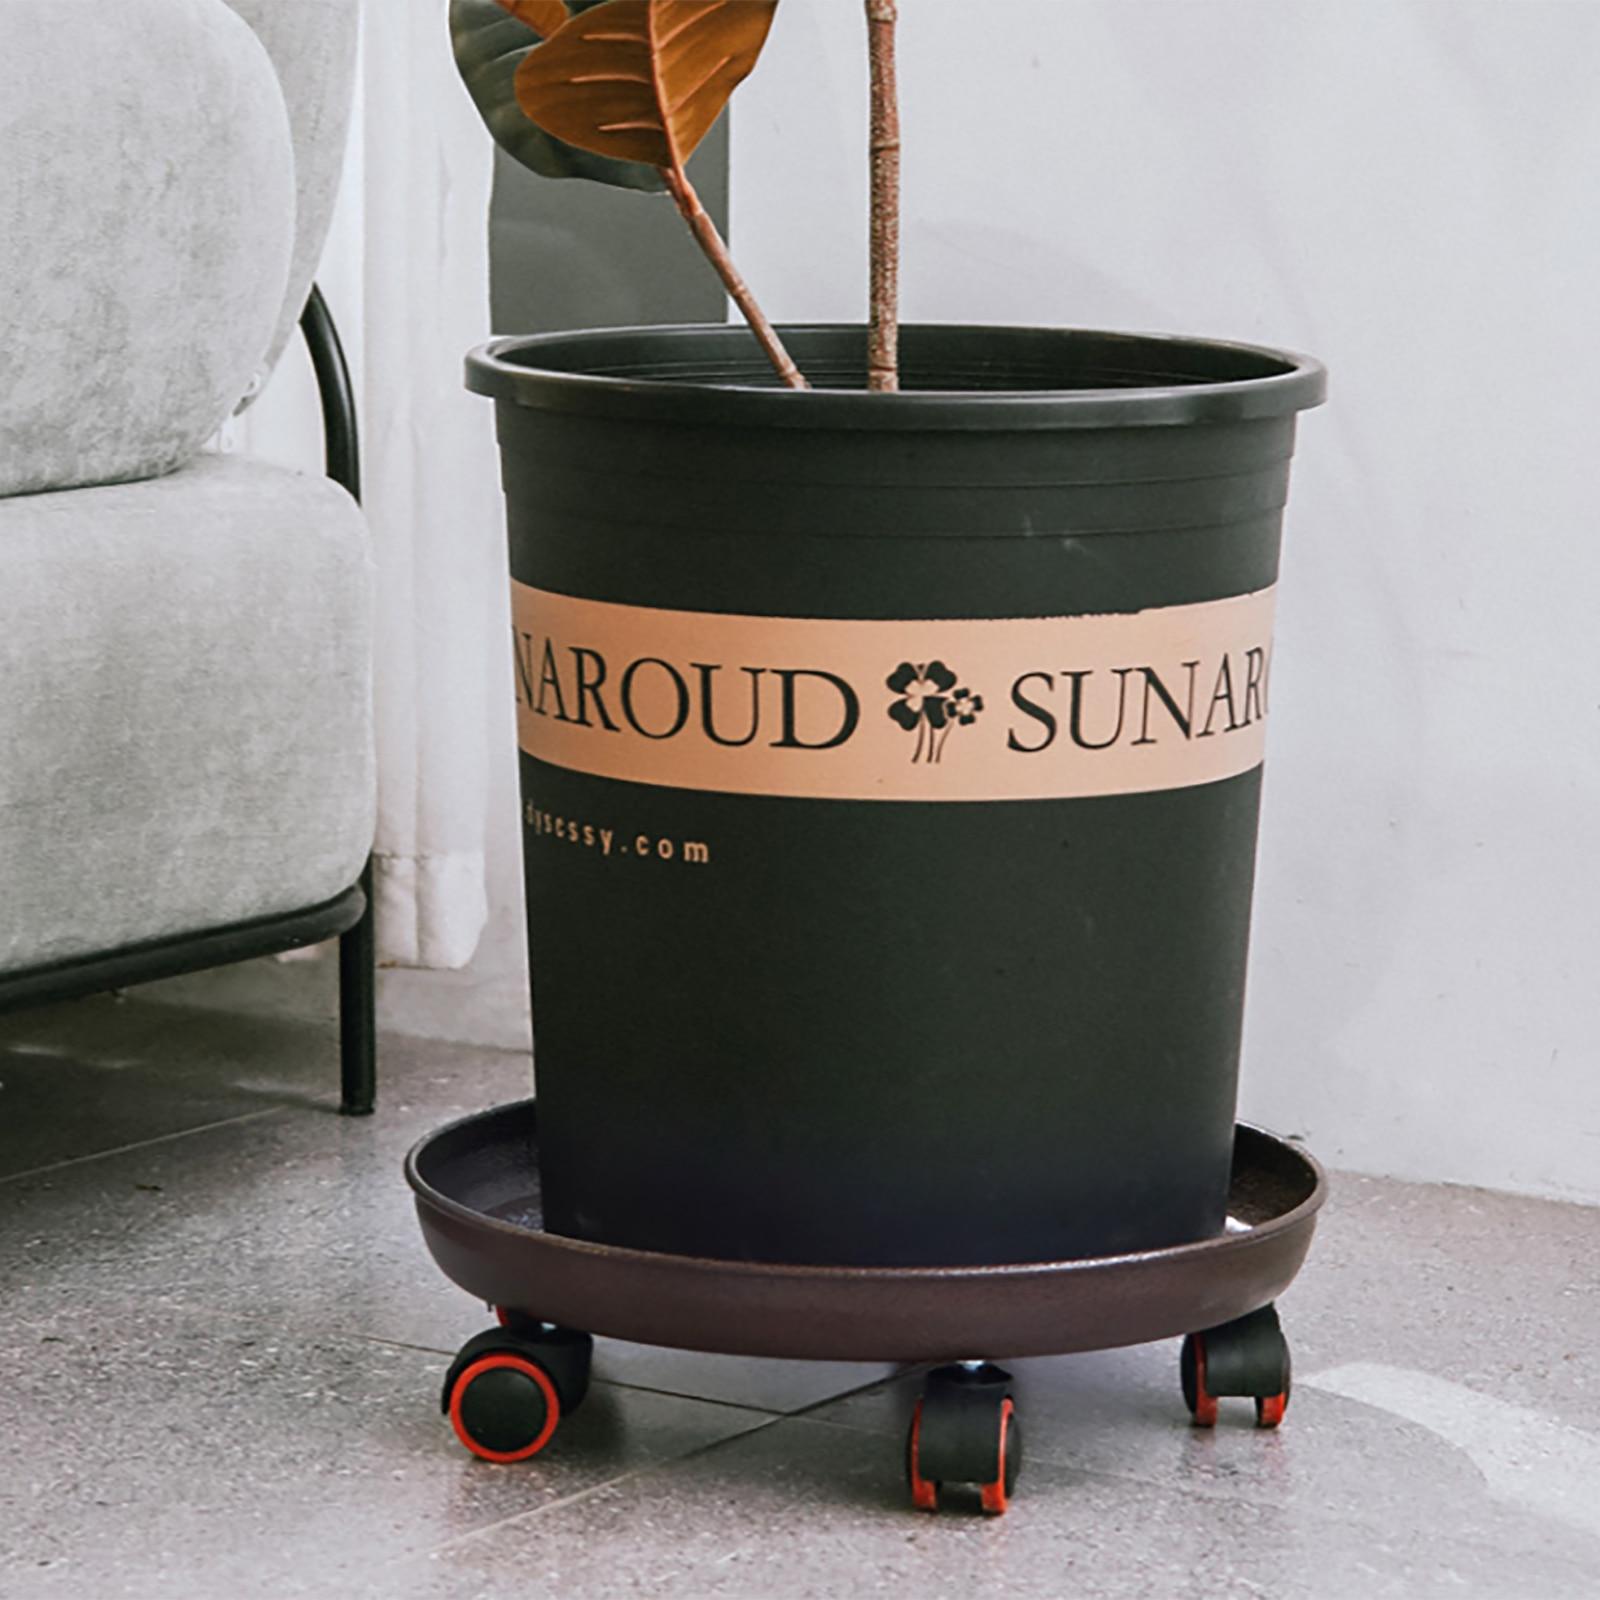 Съемный цветок горшок лоток универсальный колеса круглый пластик лоток цветок горшок стойка растение подставка катание горшок растение подставка